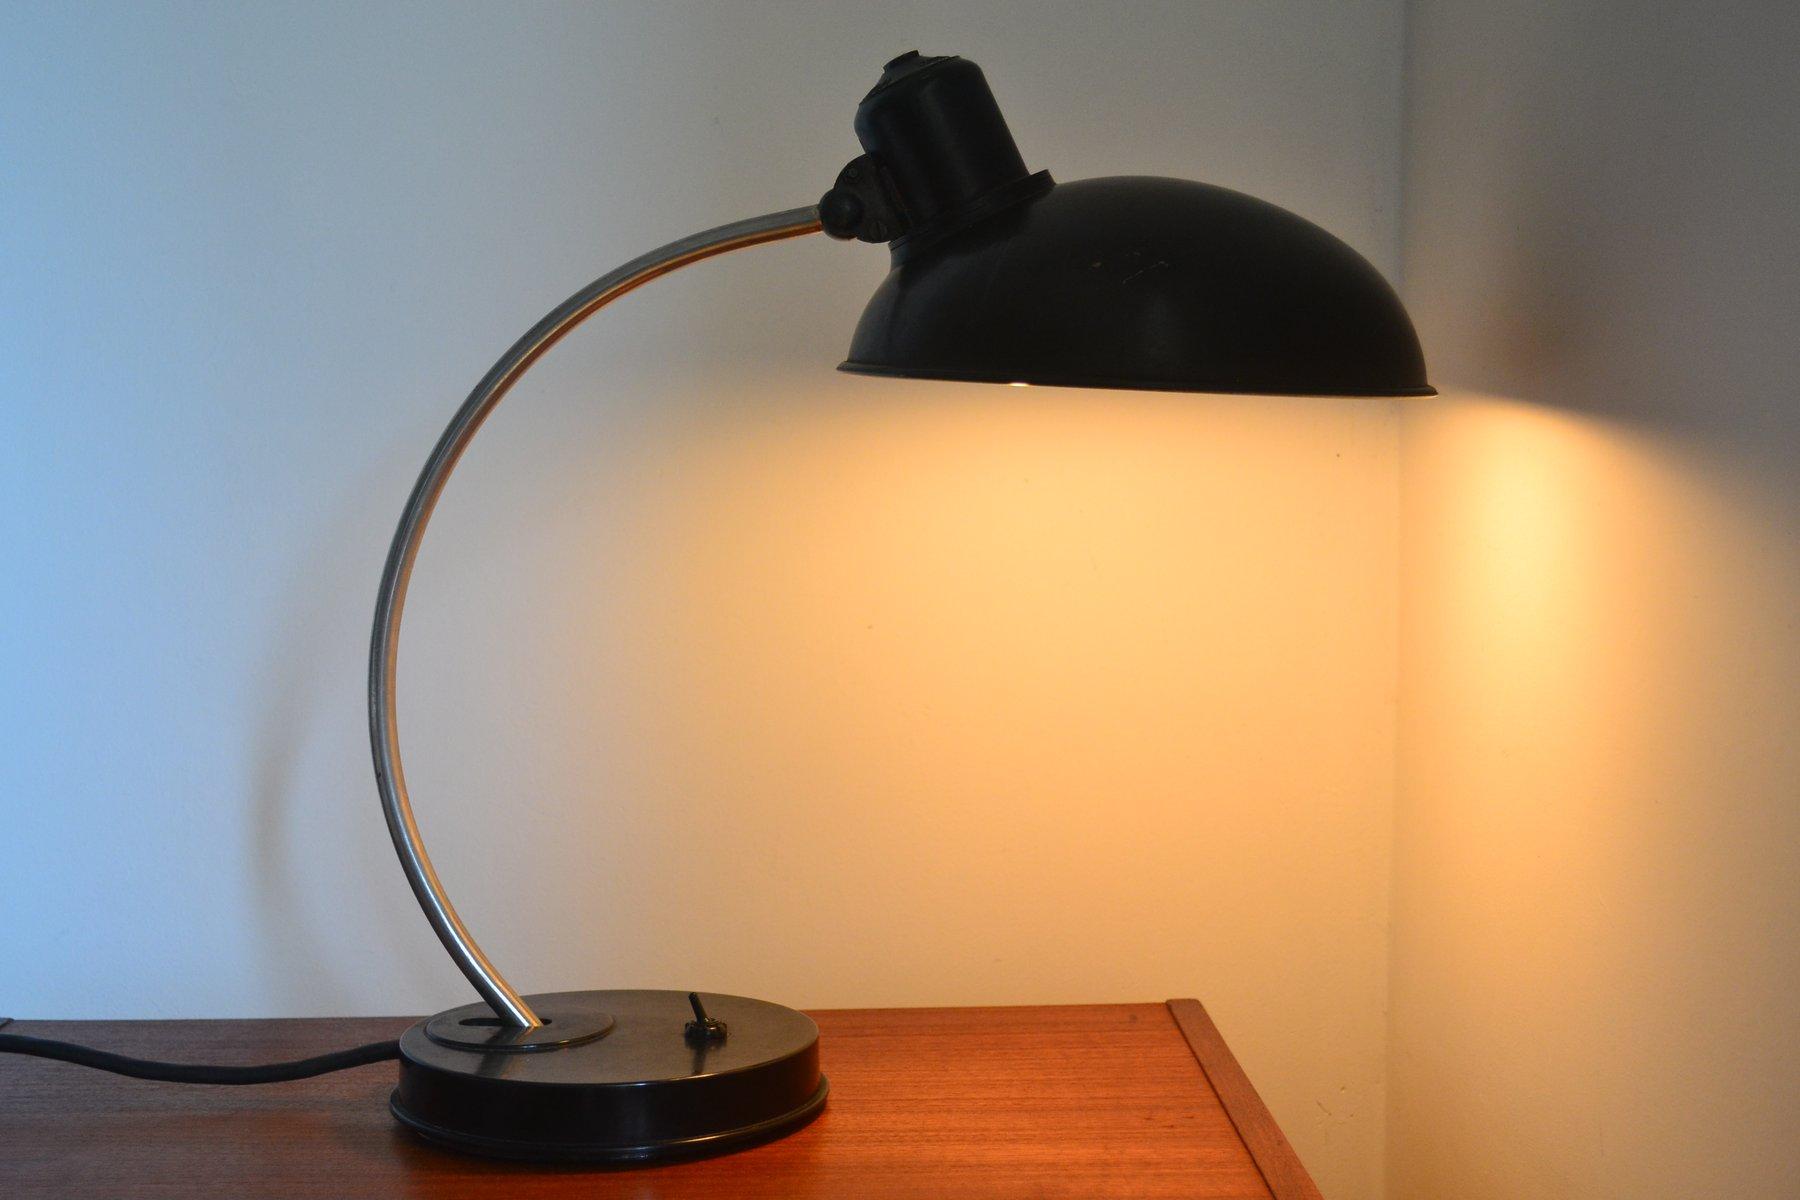 bauhaus lampe von marianne brandt 1930er bei pamono kaufen. Black Bedroom Furniture Sets. Home Design Ideas